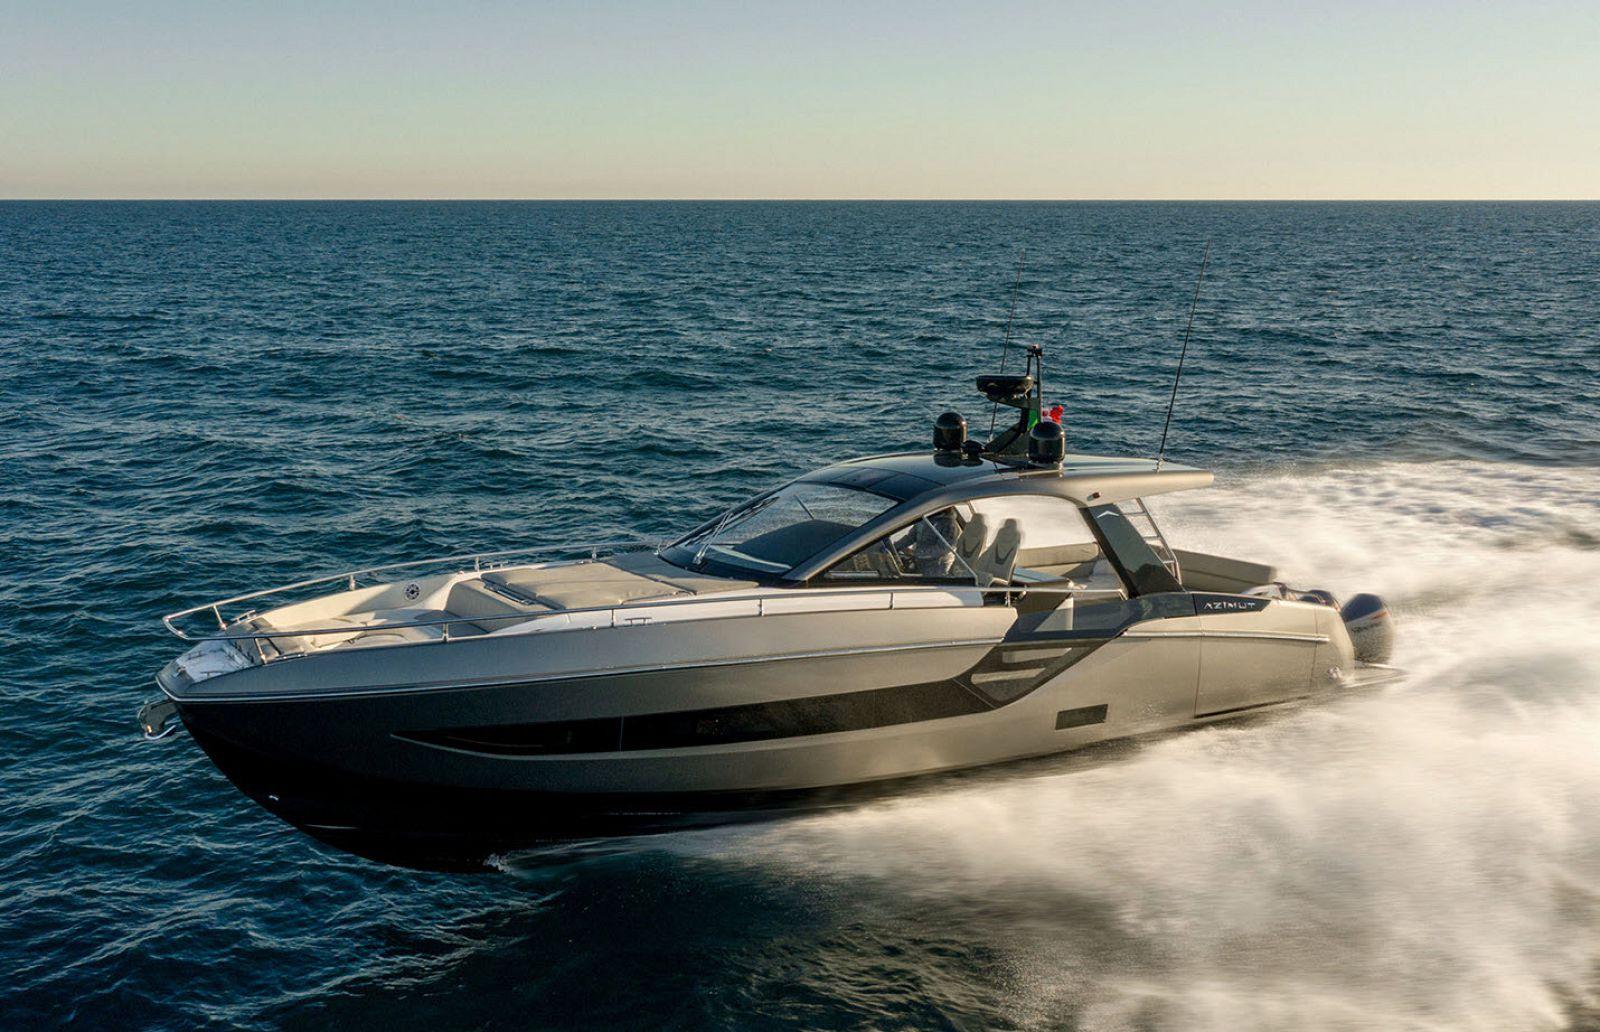 azimut 42 verve yacht for sale